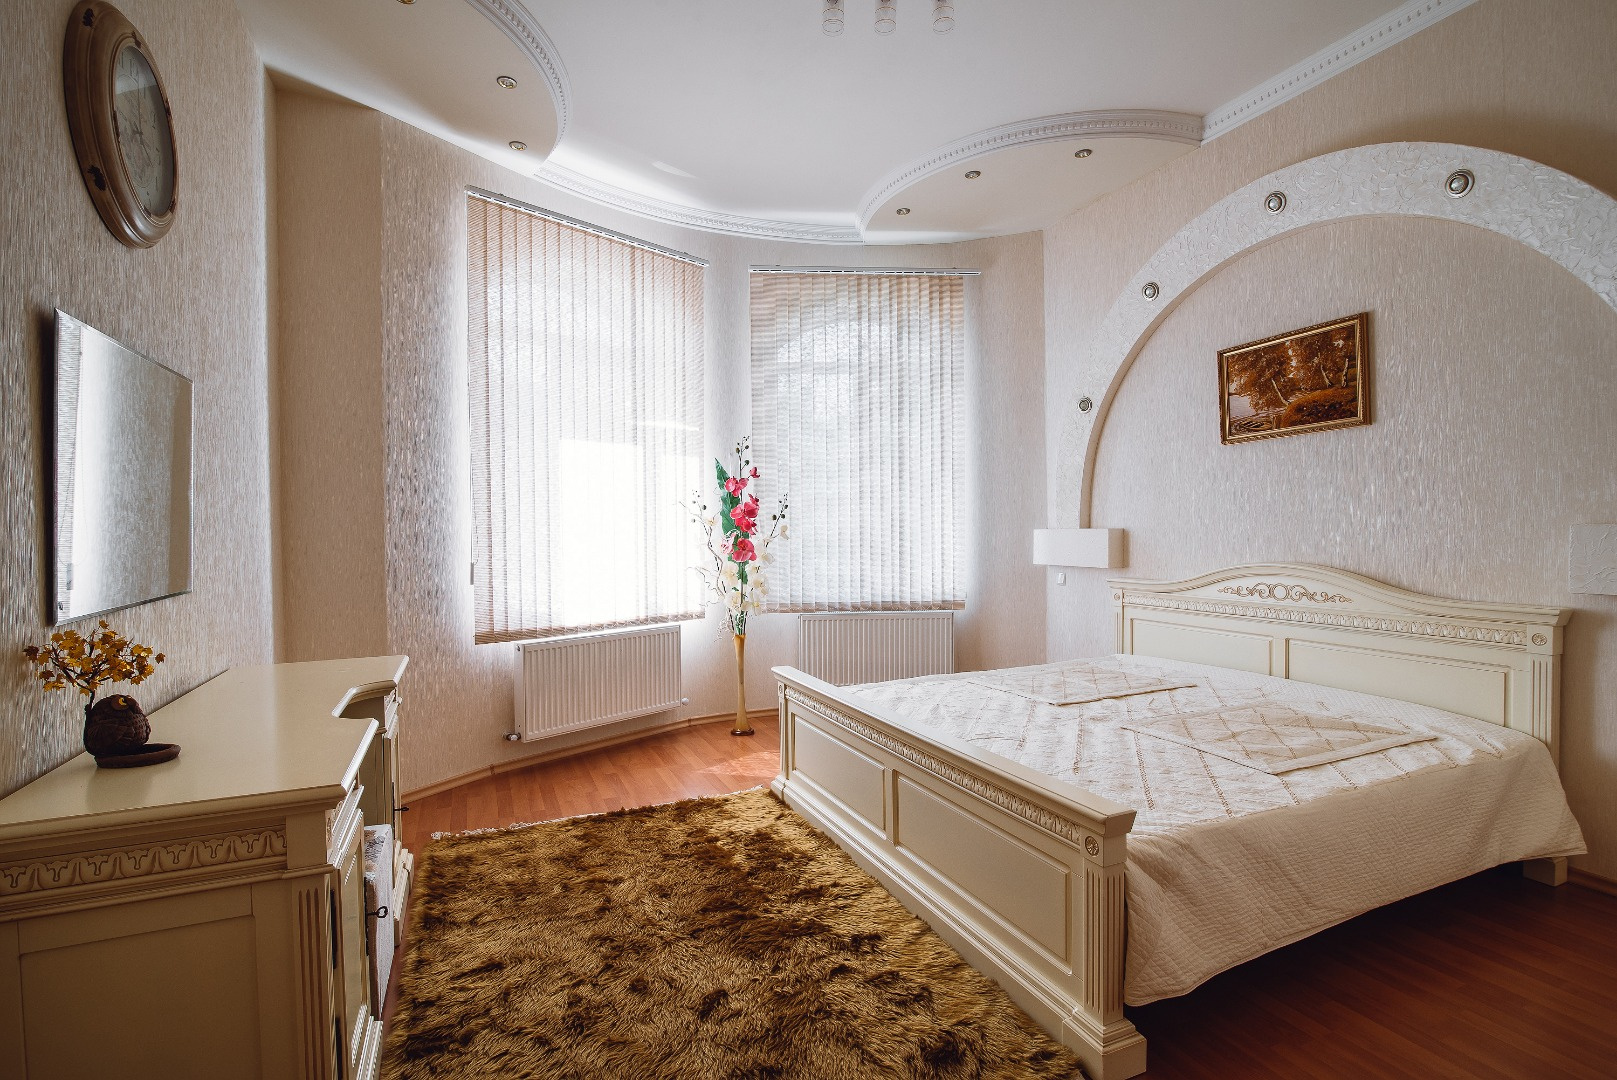 Продается Дом на ул. Аркадиевский Пер. — 1 500 000 у.е. (фото №19)